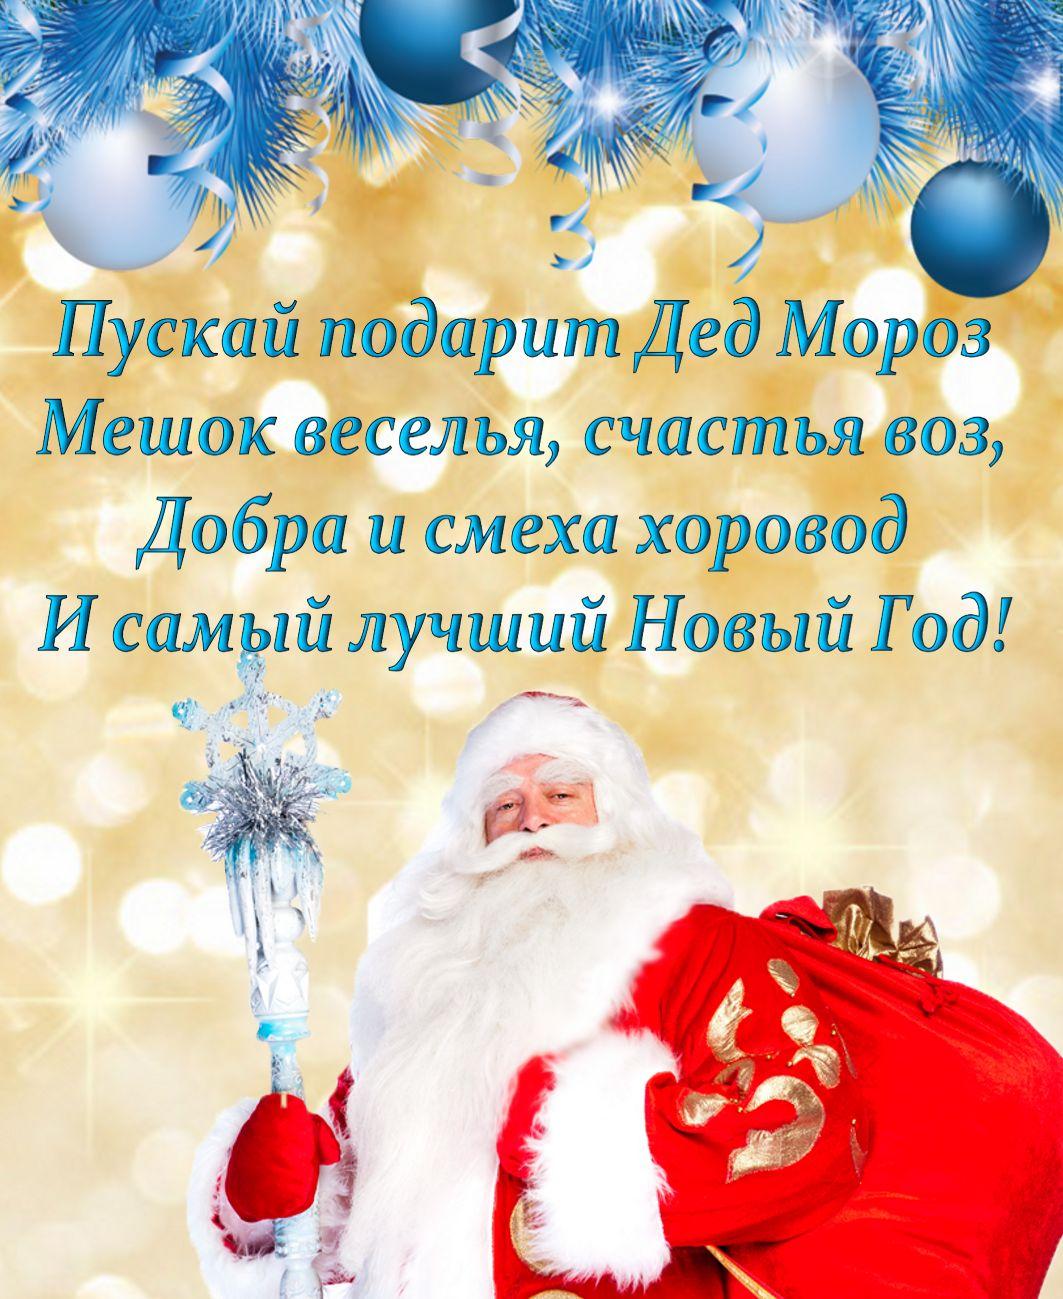 Новогодняя открытка - Дед Мороз с подарками и пожелание